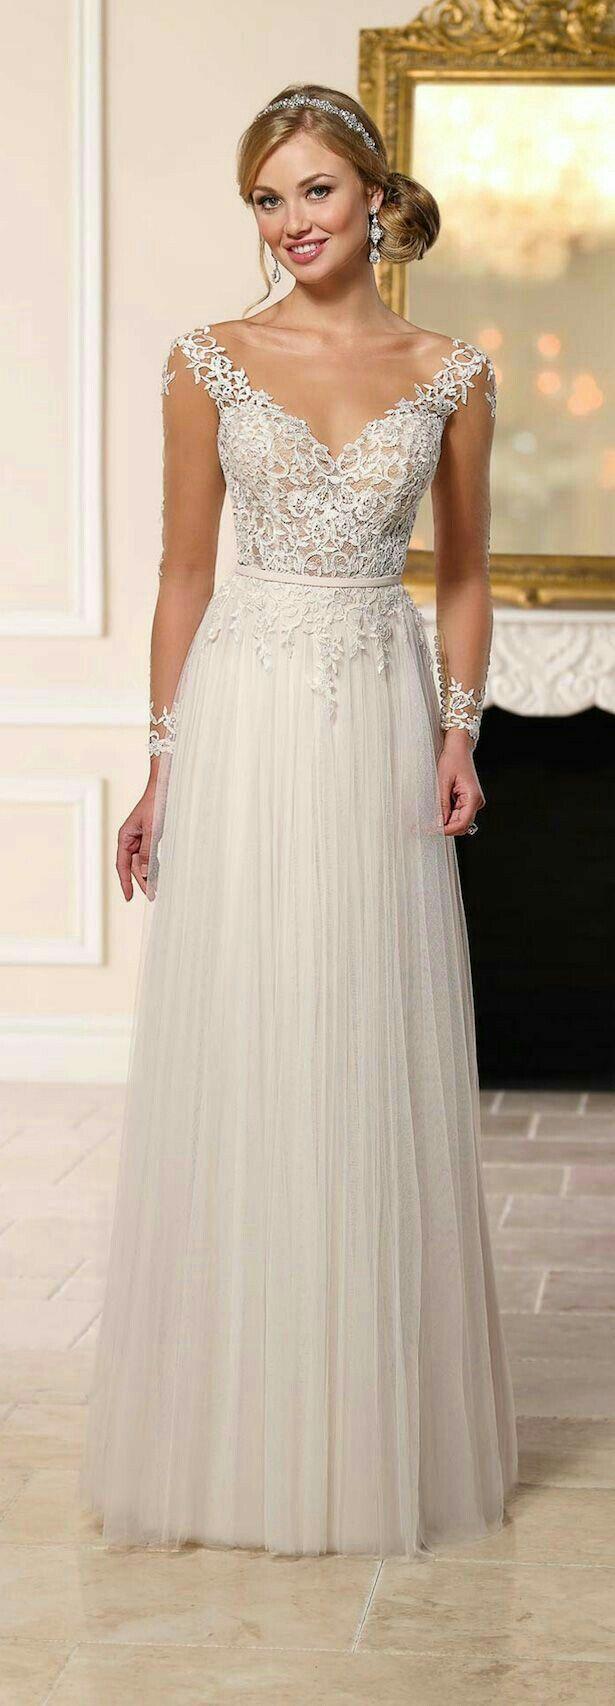 Vestido de noiva gelinlikler pinterest wedding dress wedding